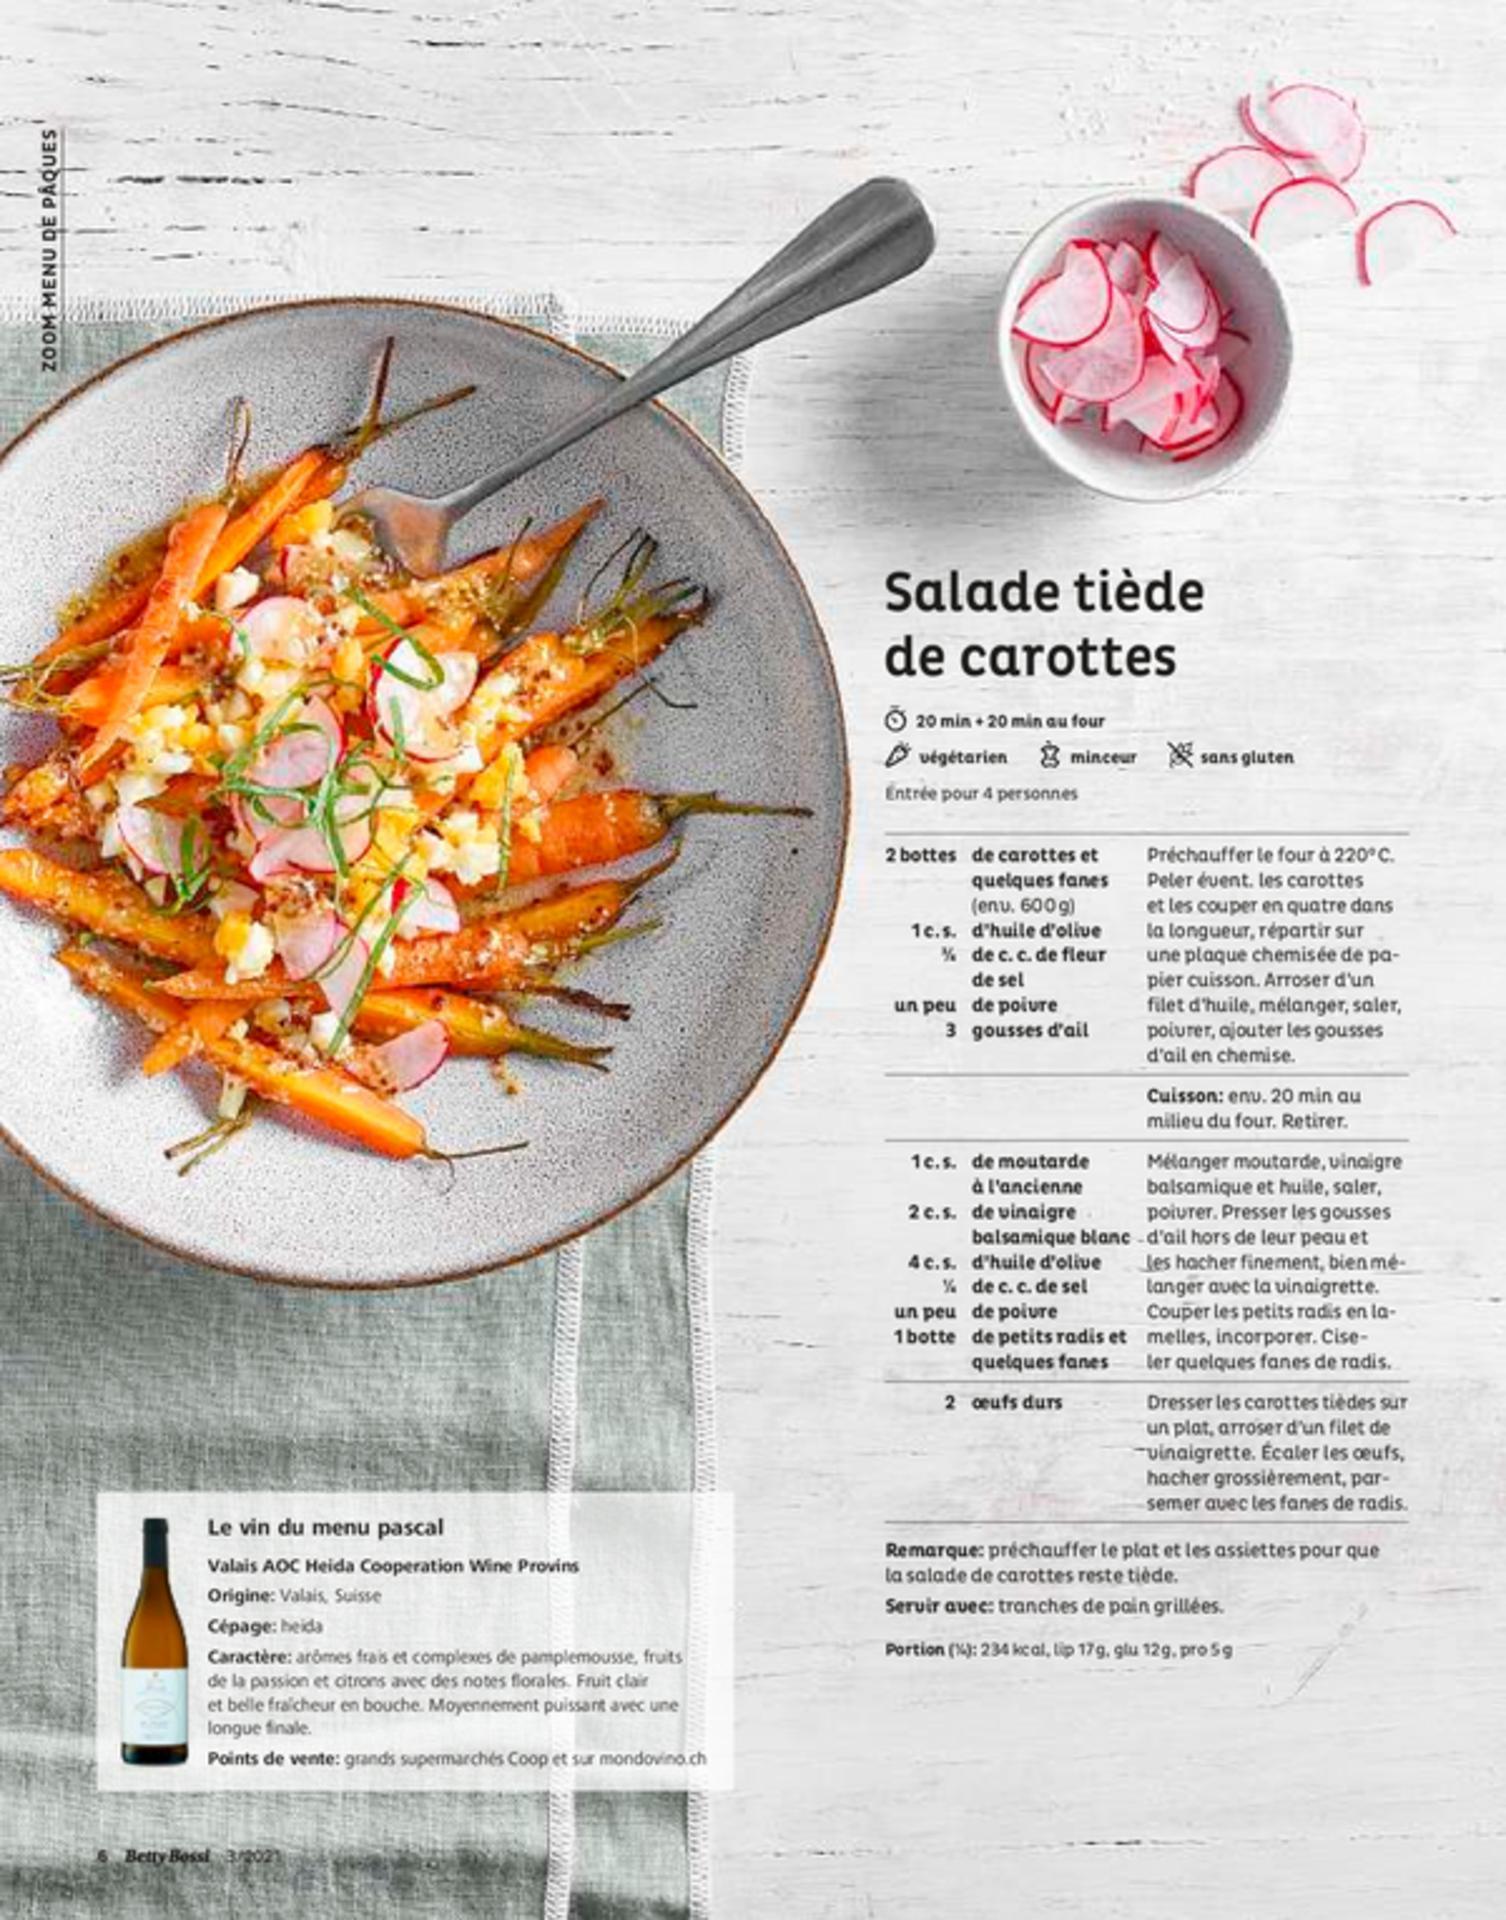 Salade tiède de carottes